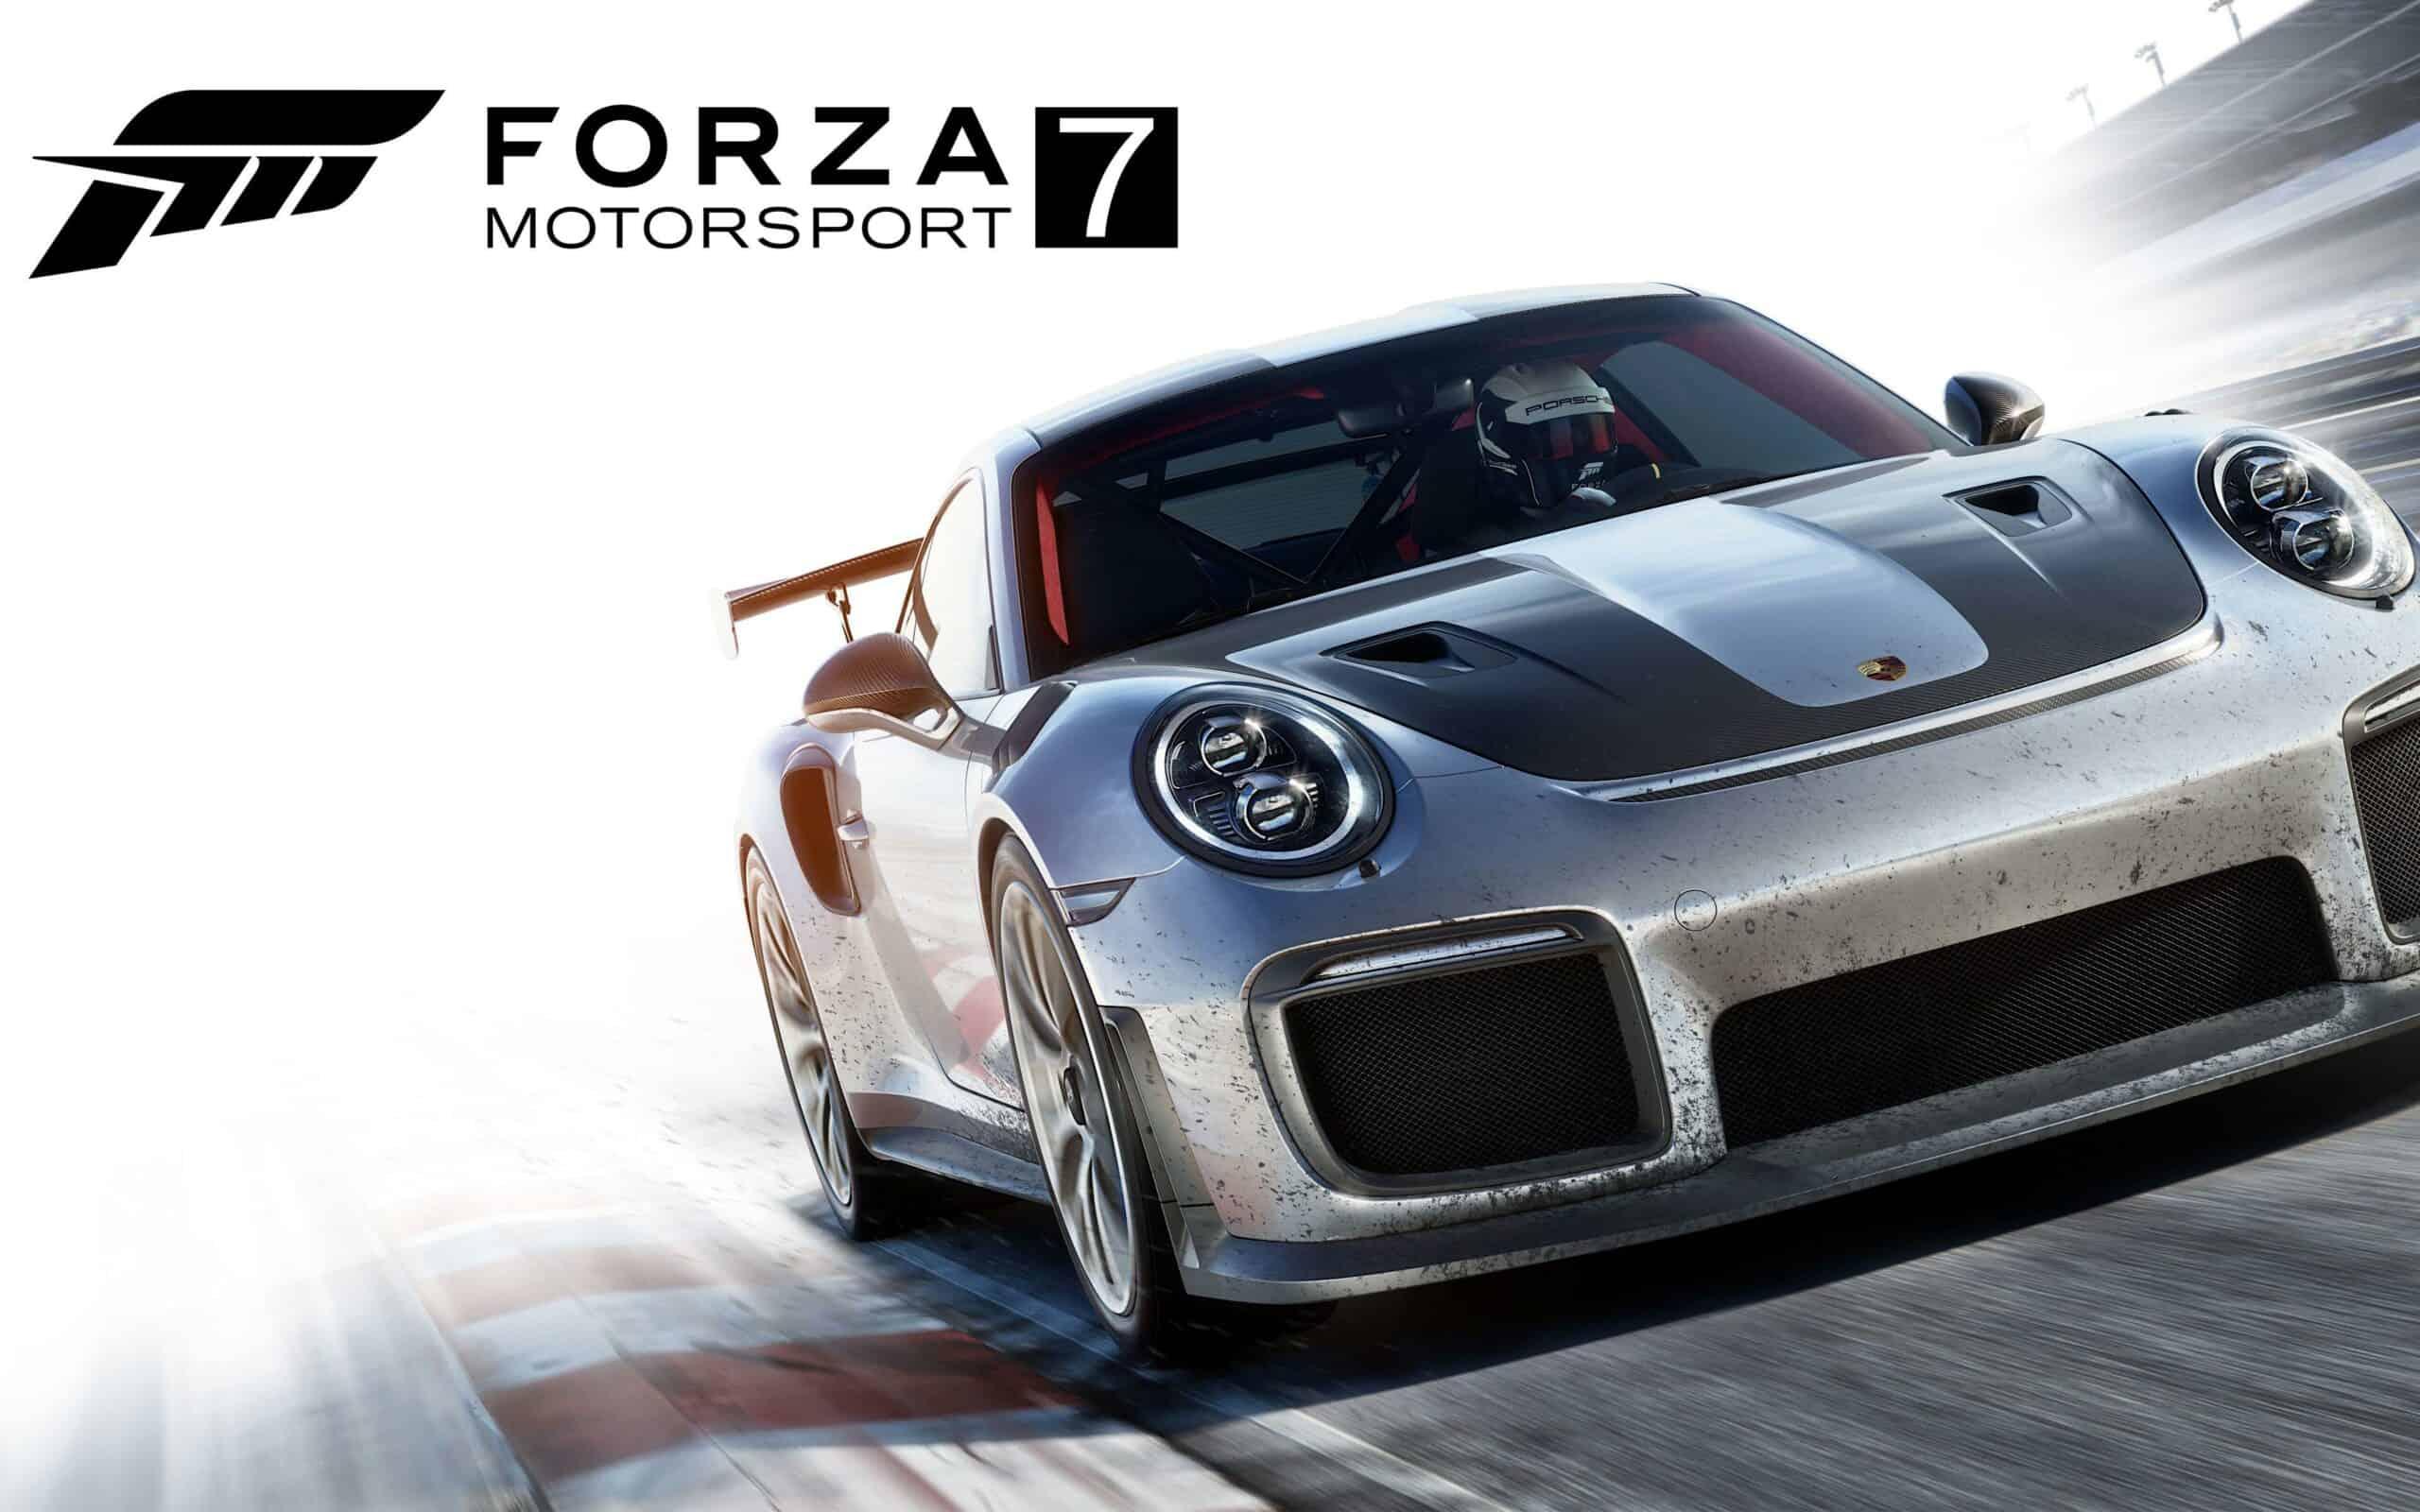 Best Racing Games - Forza Motorsport 7